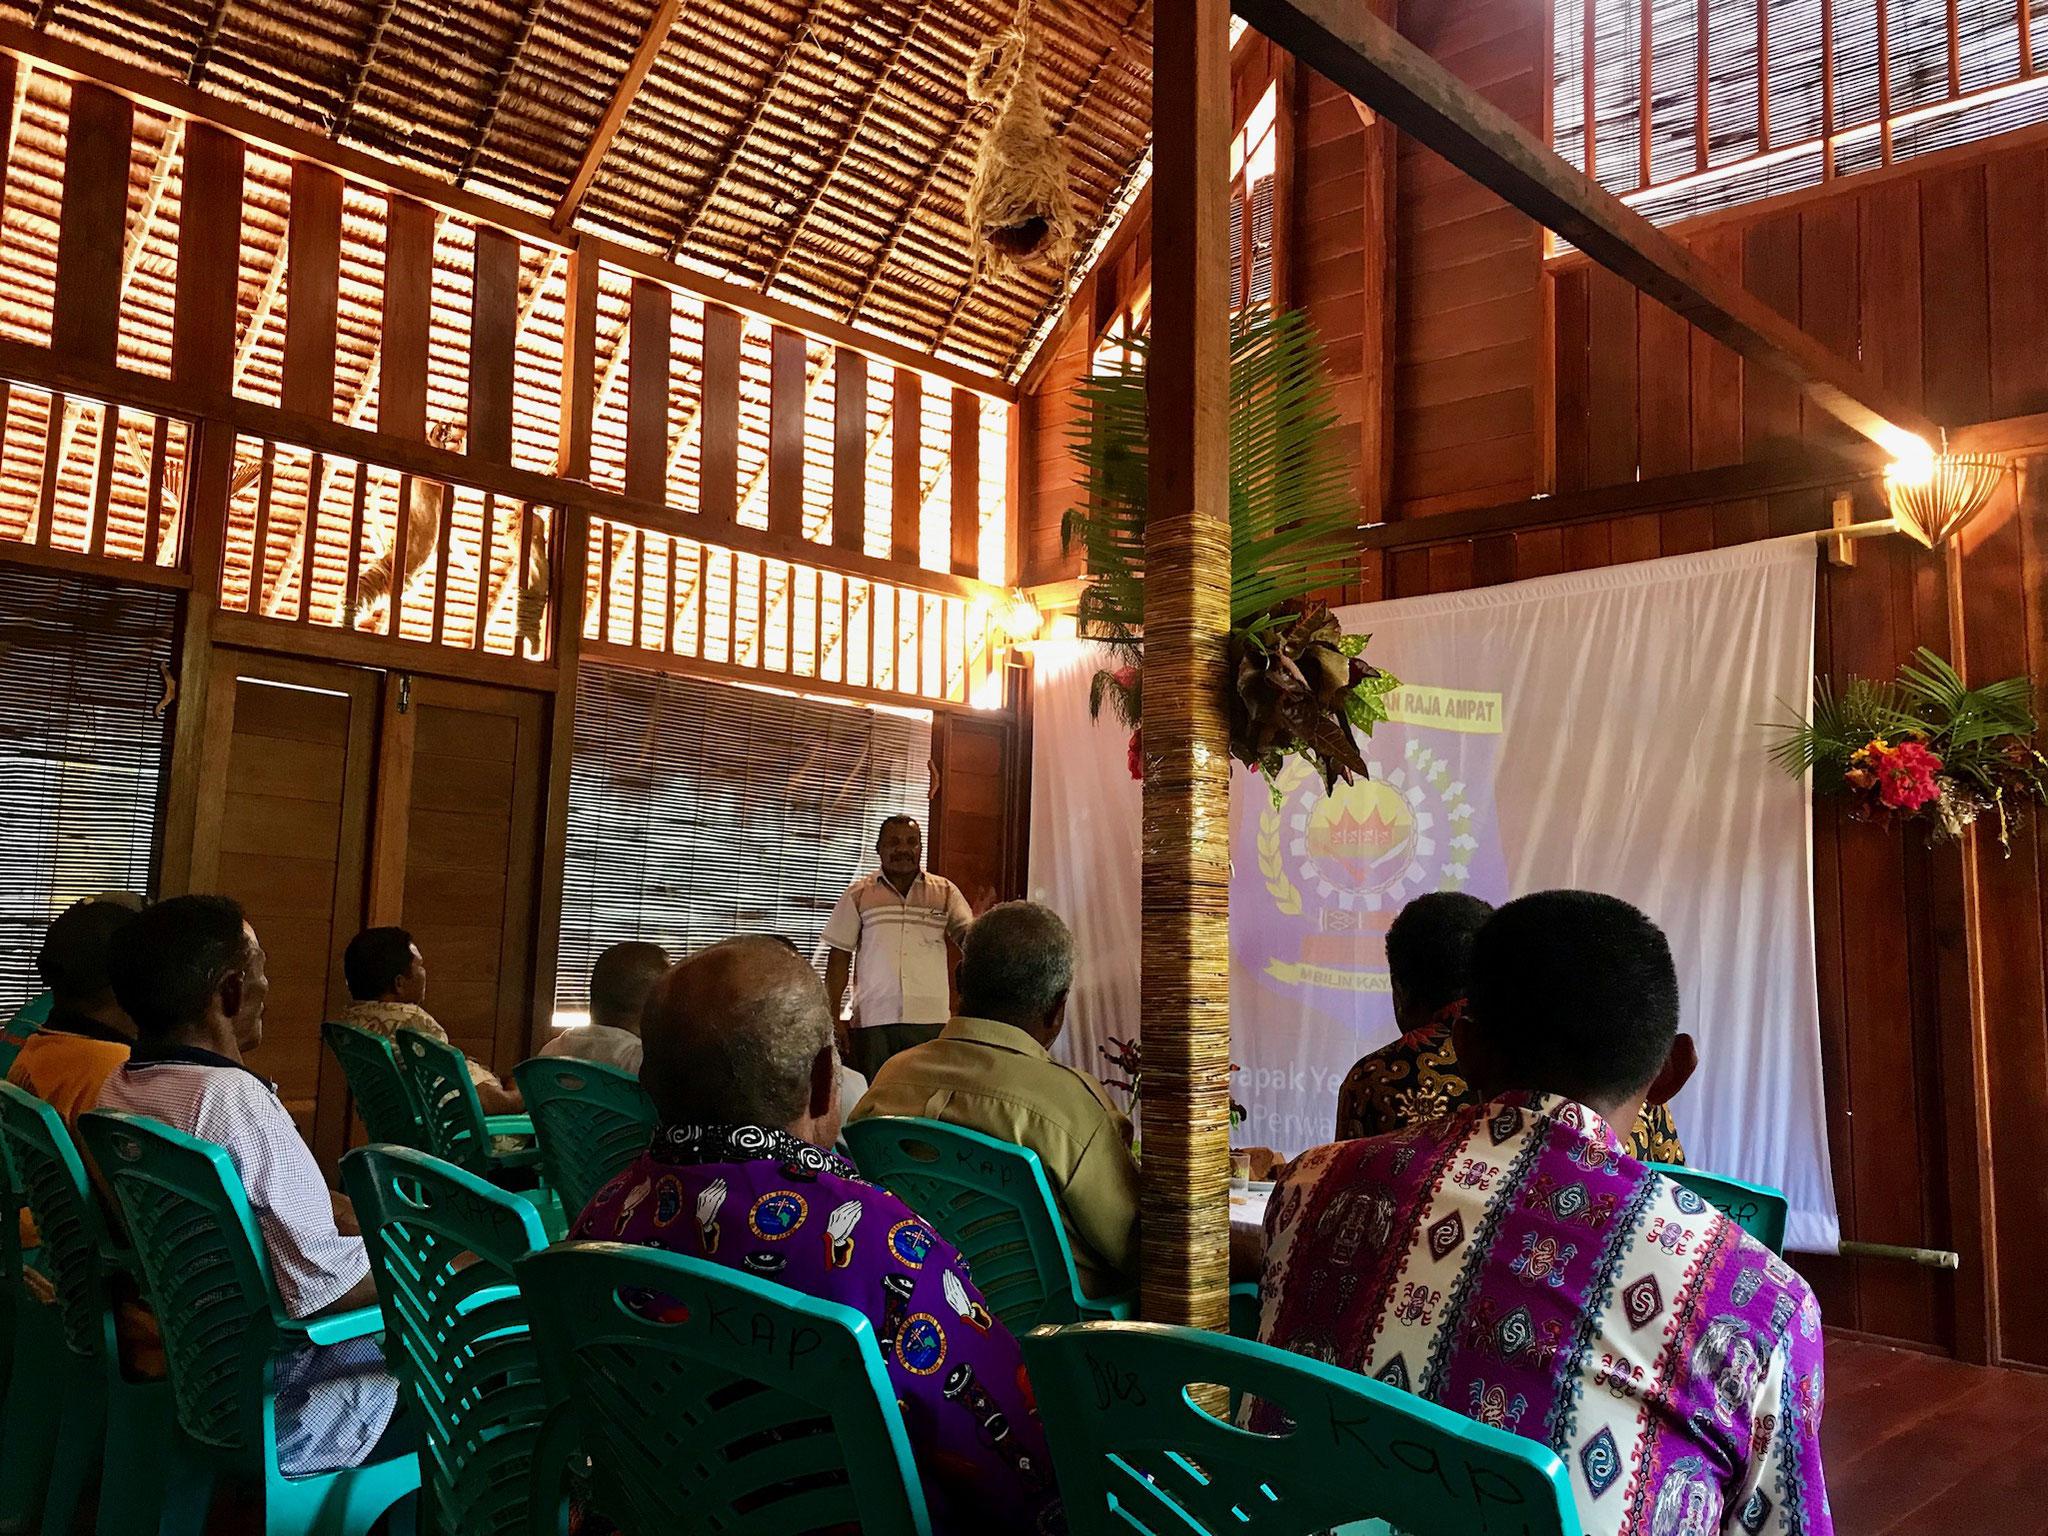 Der Oberhāuptling des 'Maya-tribes' erlāutert die Wichtigkeit der Arbeit von Child Aid Papua